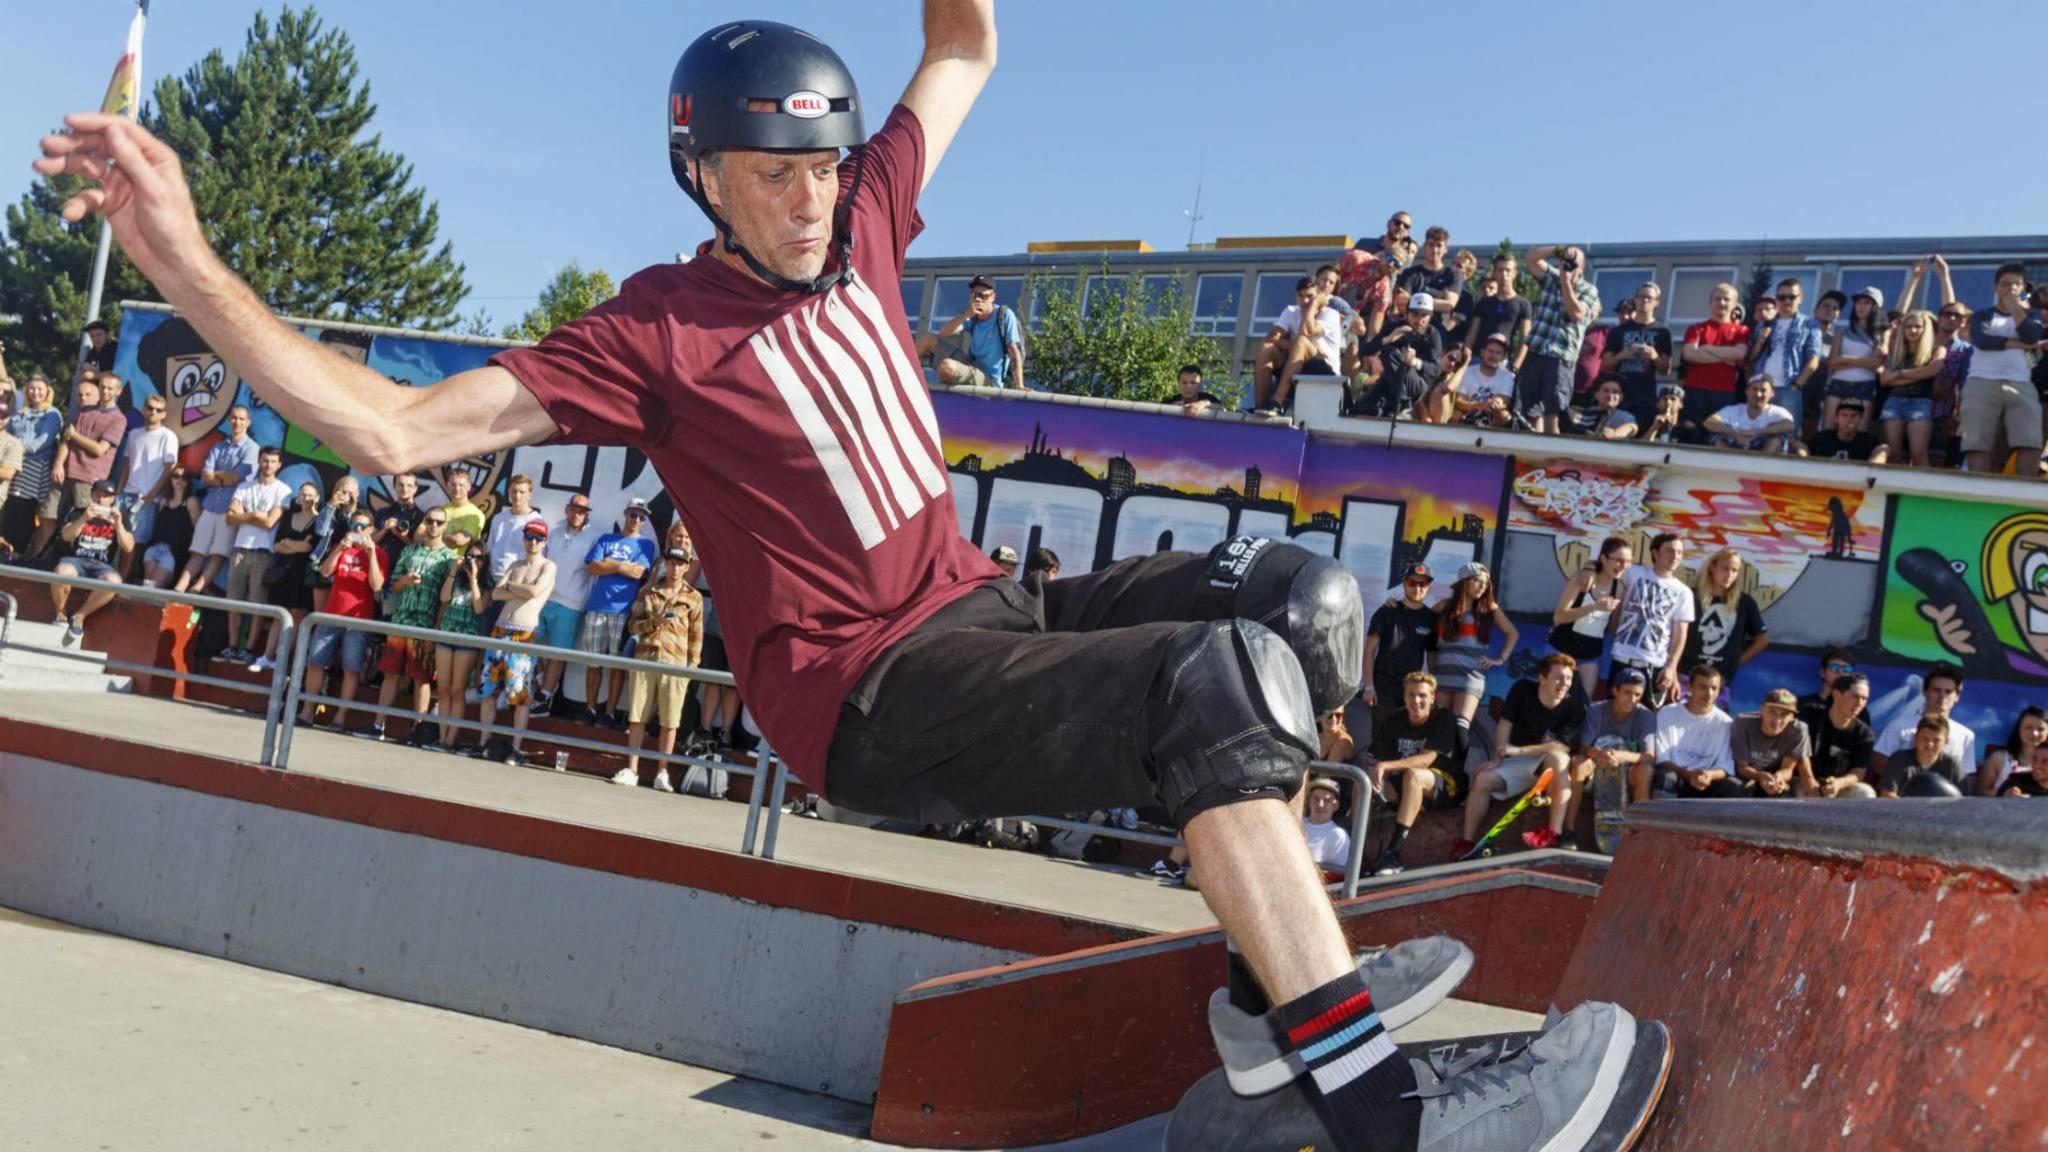 Skate-Legende Tony Hawk bringt ein neues Game auf den Markt – für Smartphones.